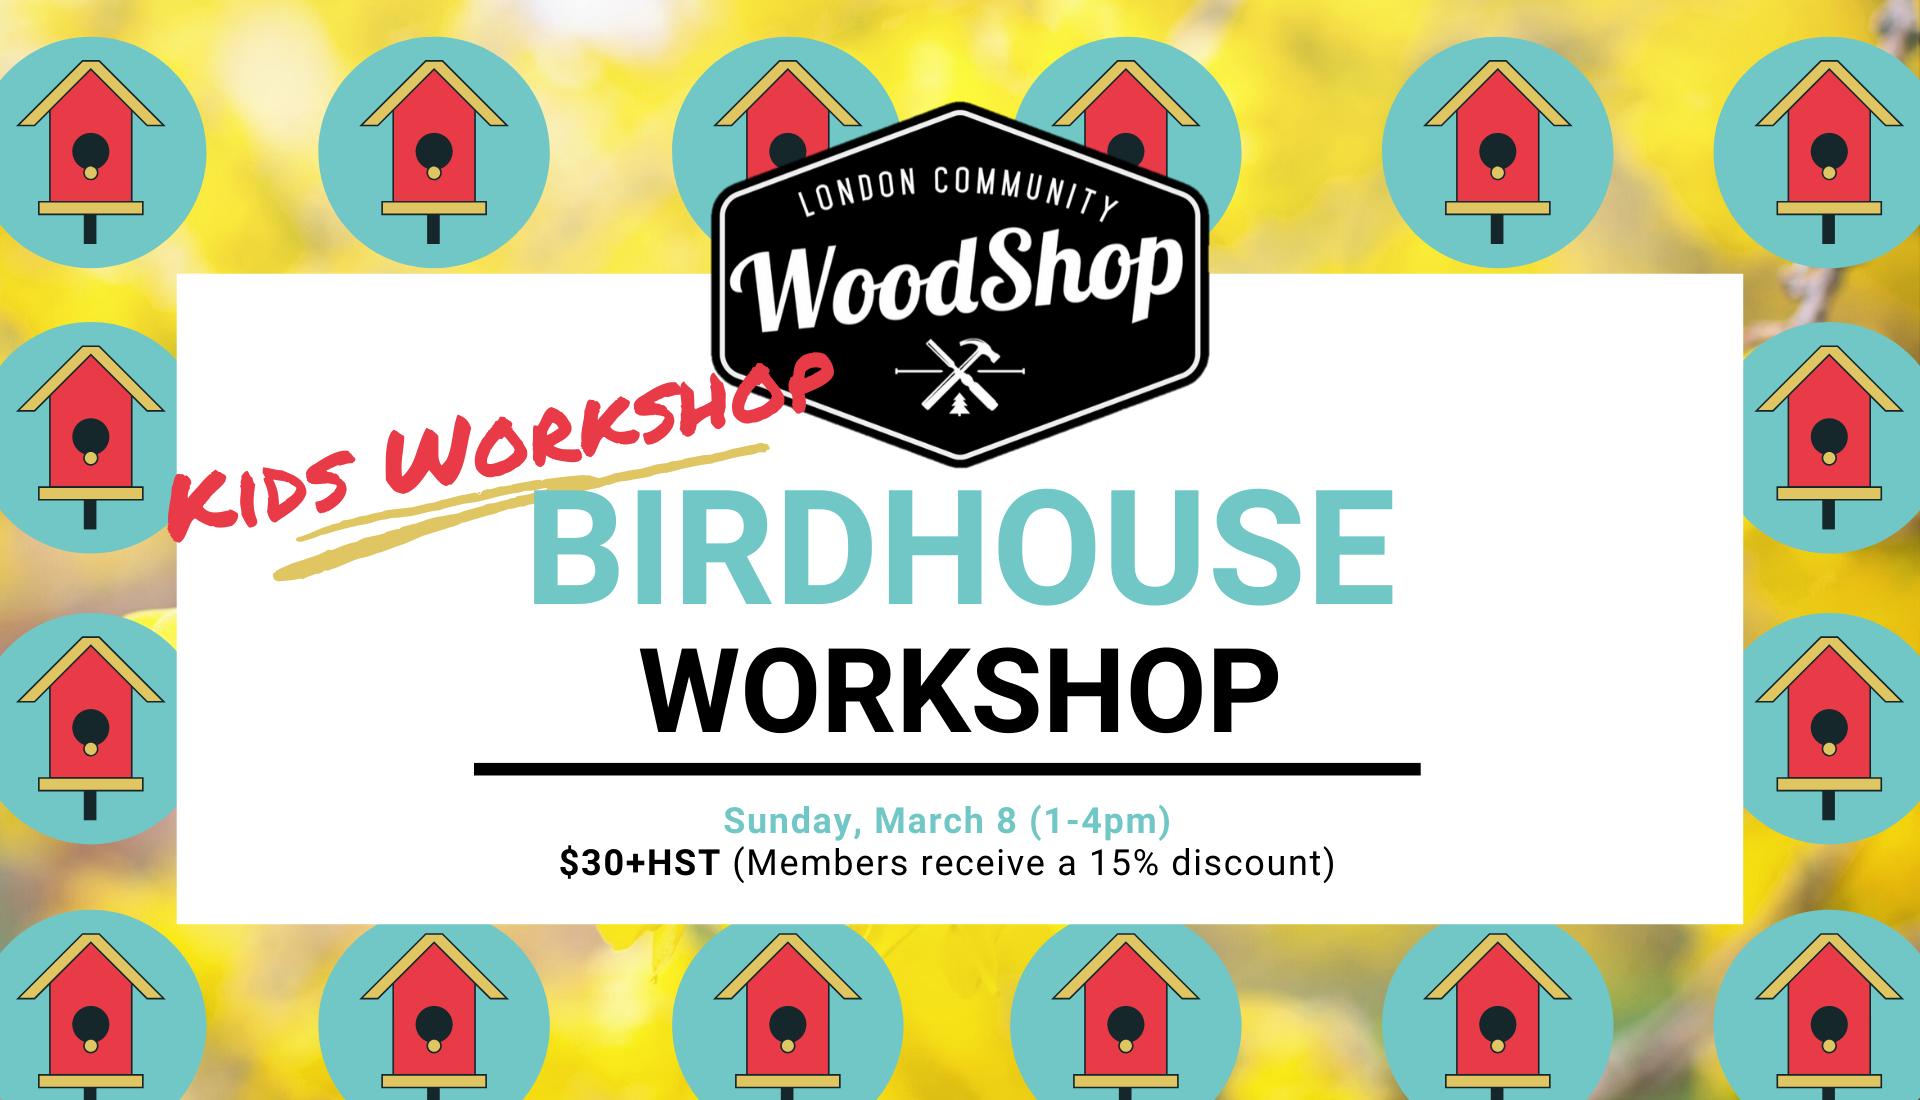 March 8 Bird House Workshop